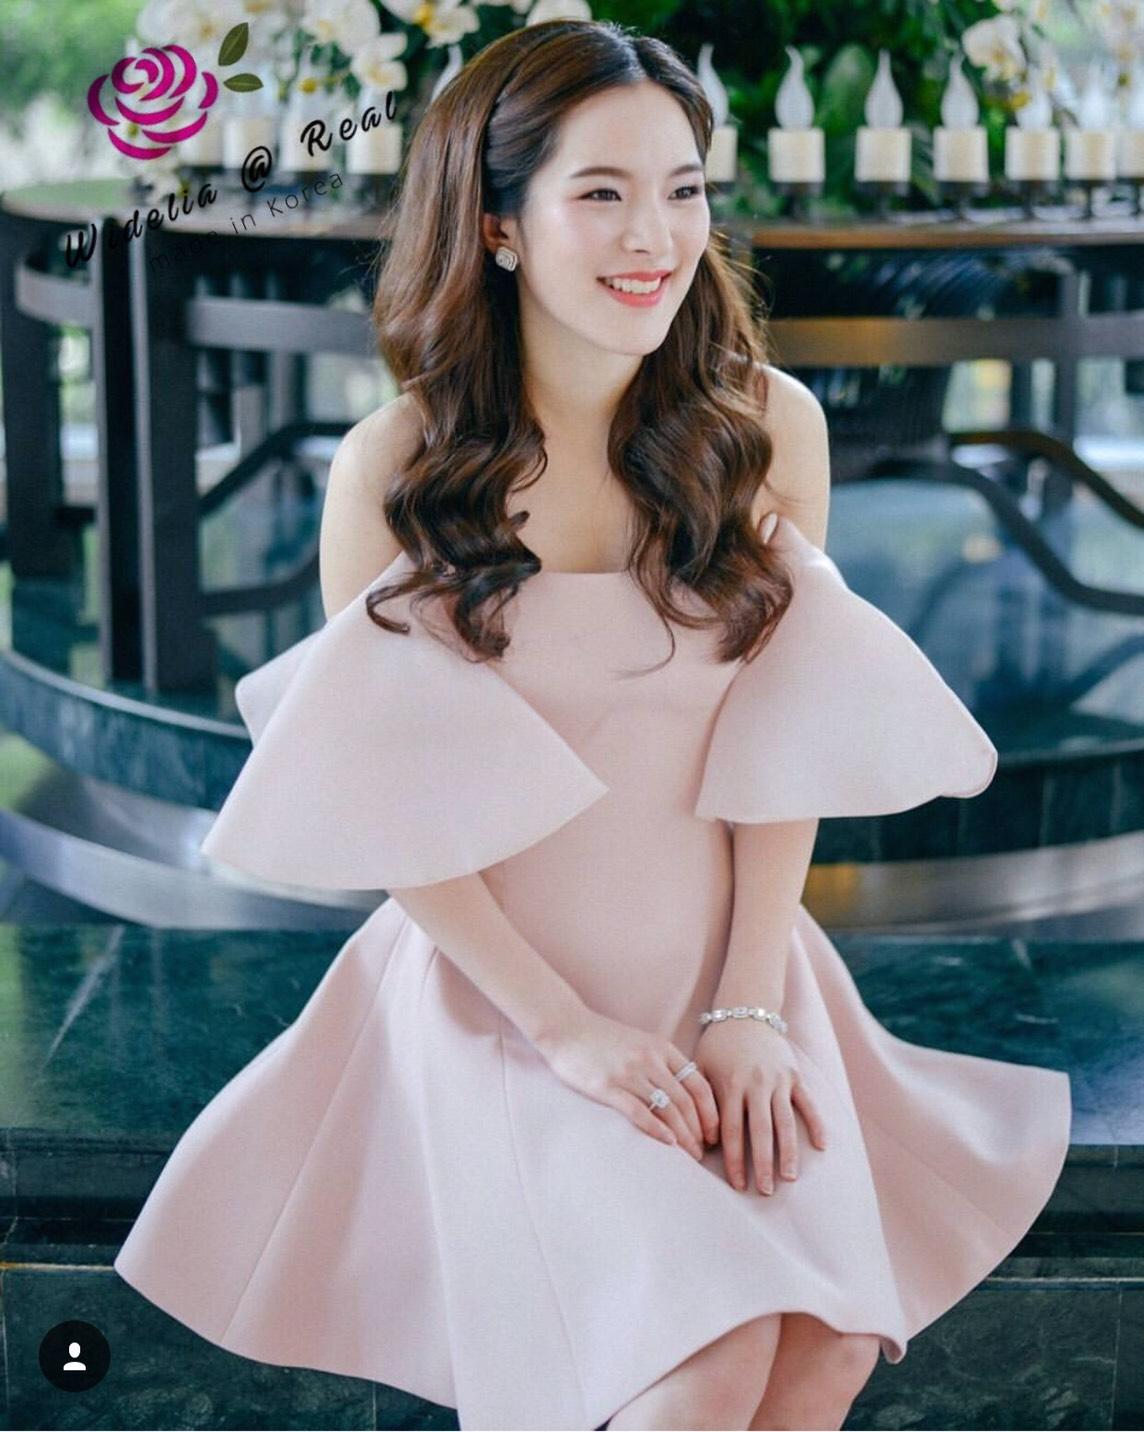 Dress เดรสเกาะอก เนื้อสีพื้น สีสวยมากๆ ชมพูอ่อนๆ เ